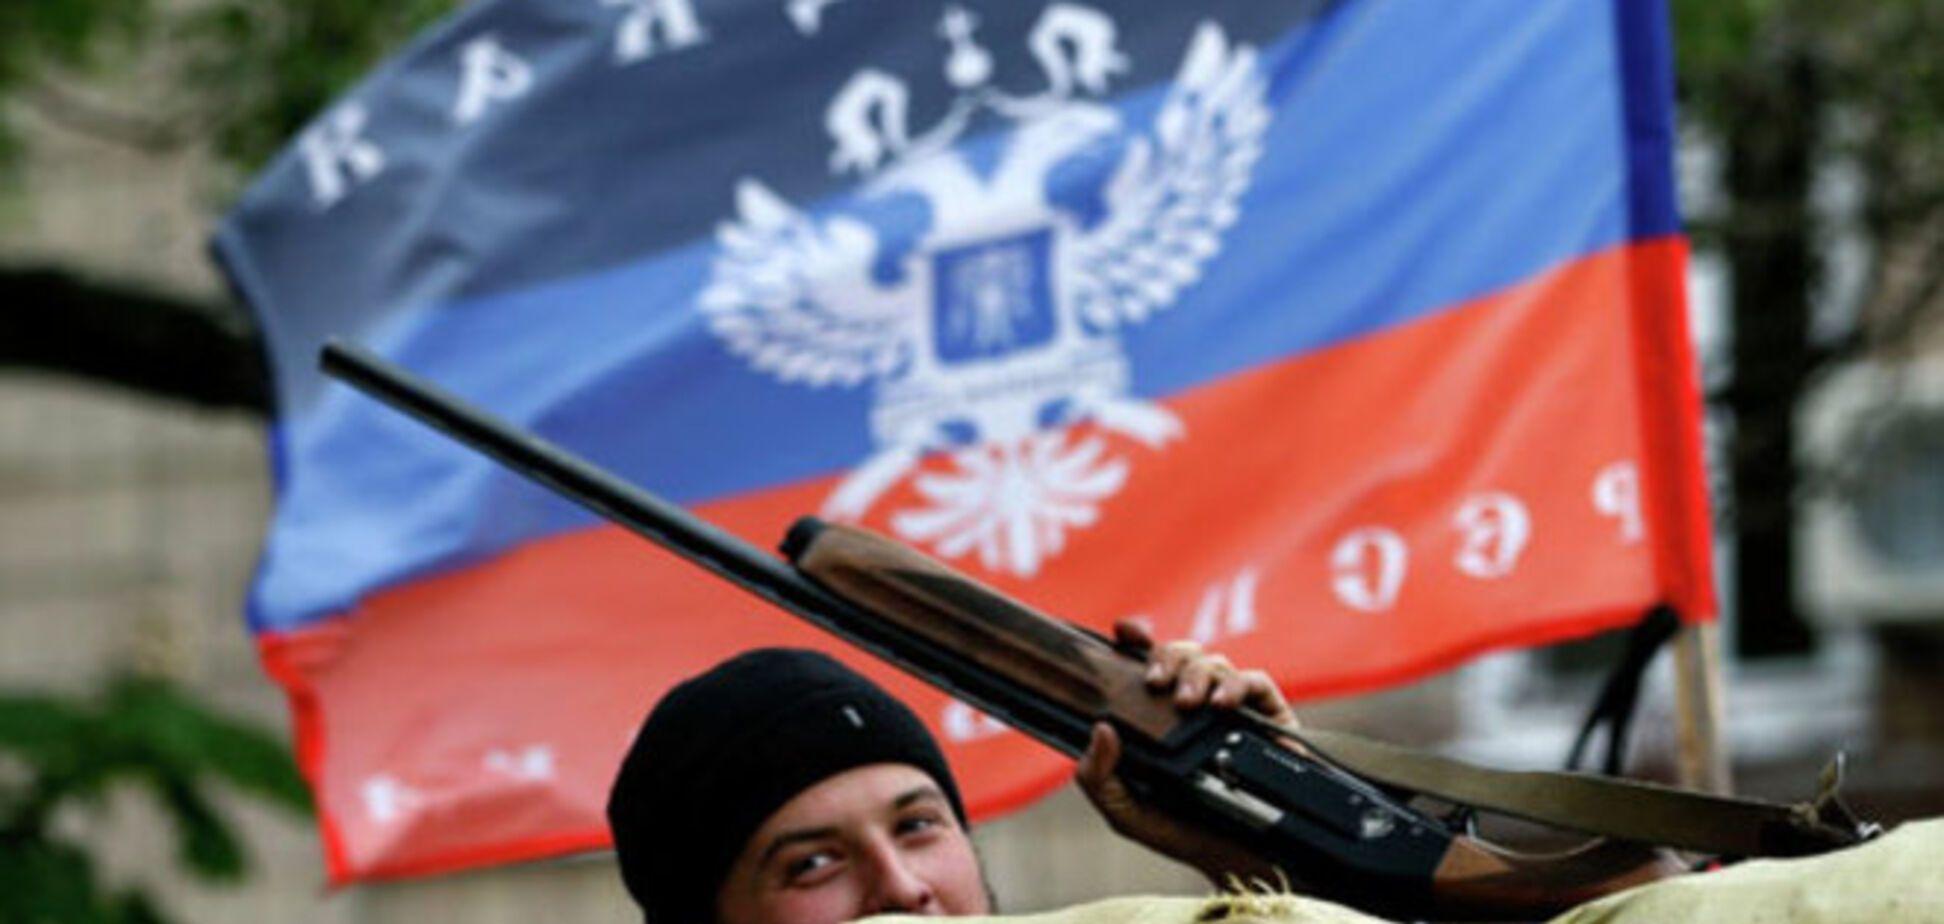 Сомали на Донбассе